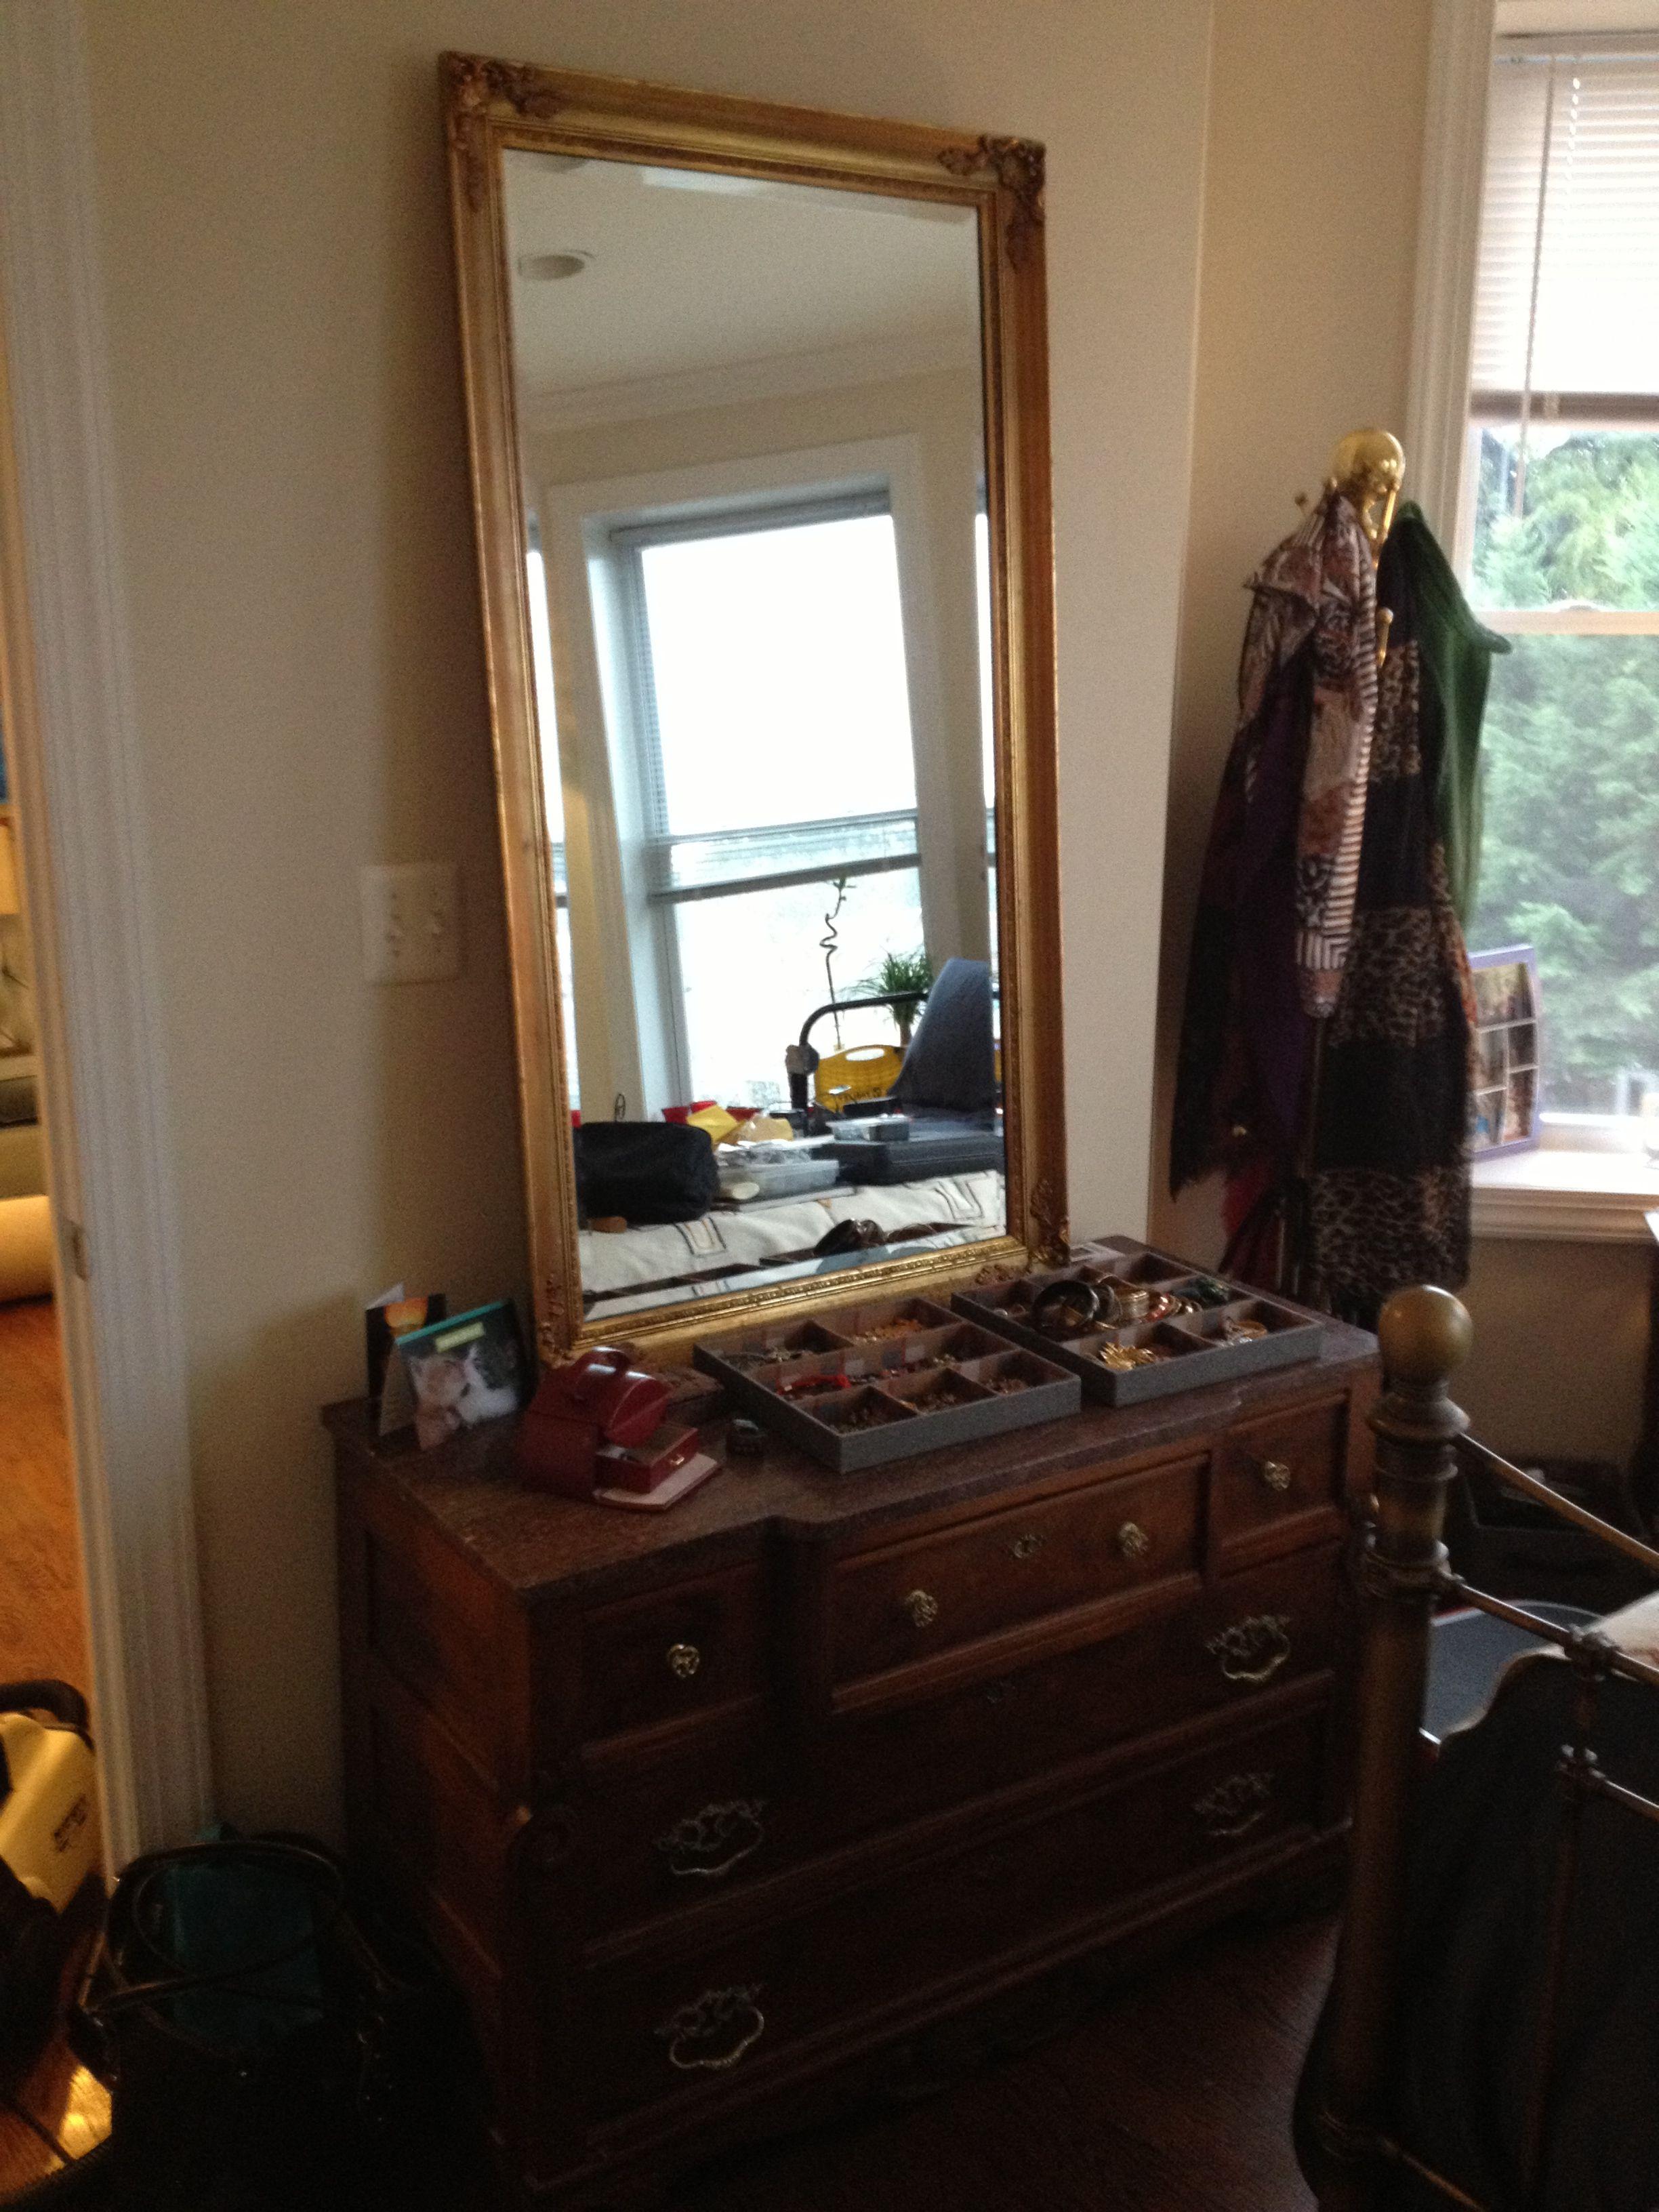 Victorian Marble Top Dresser Craigslist For 90 Large Gilt Mirror Craigslist For 60 Vintage Brass Coatrack Craig Vintage Furniture Home Decor Furniture